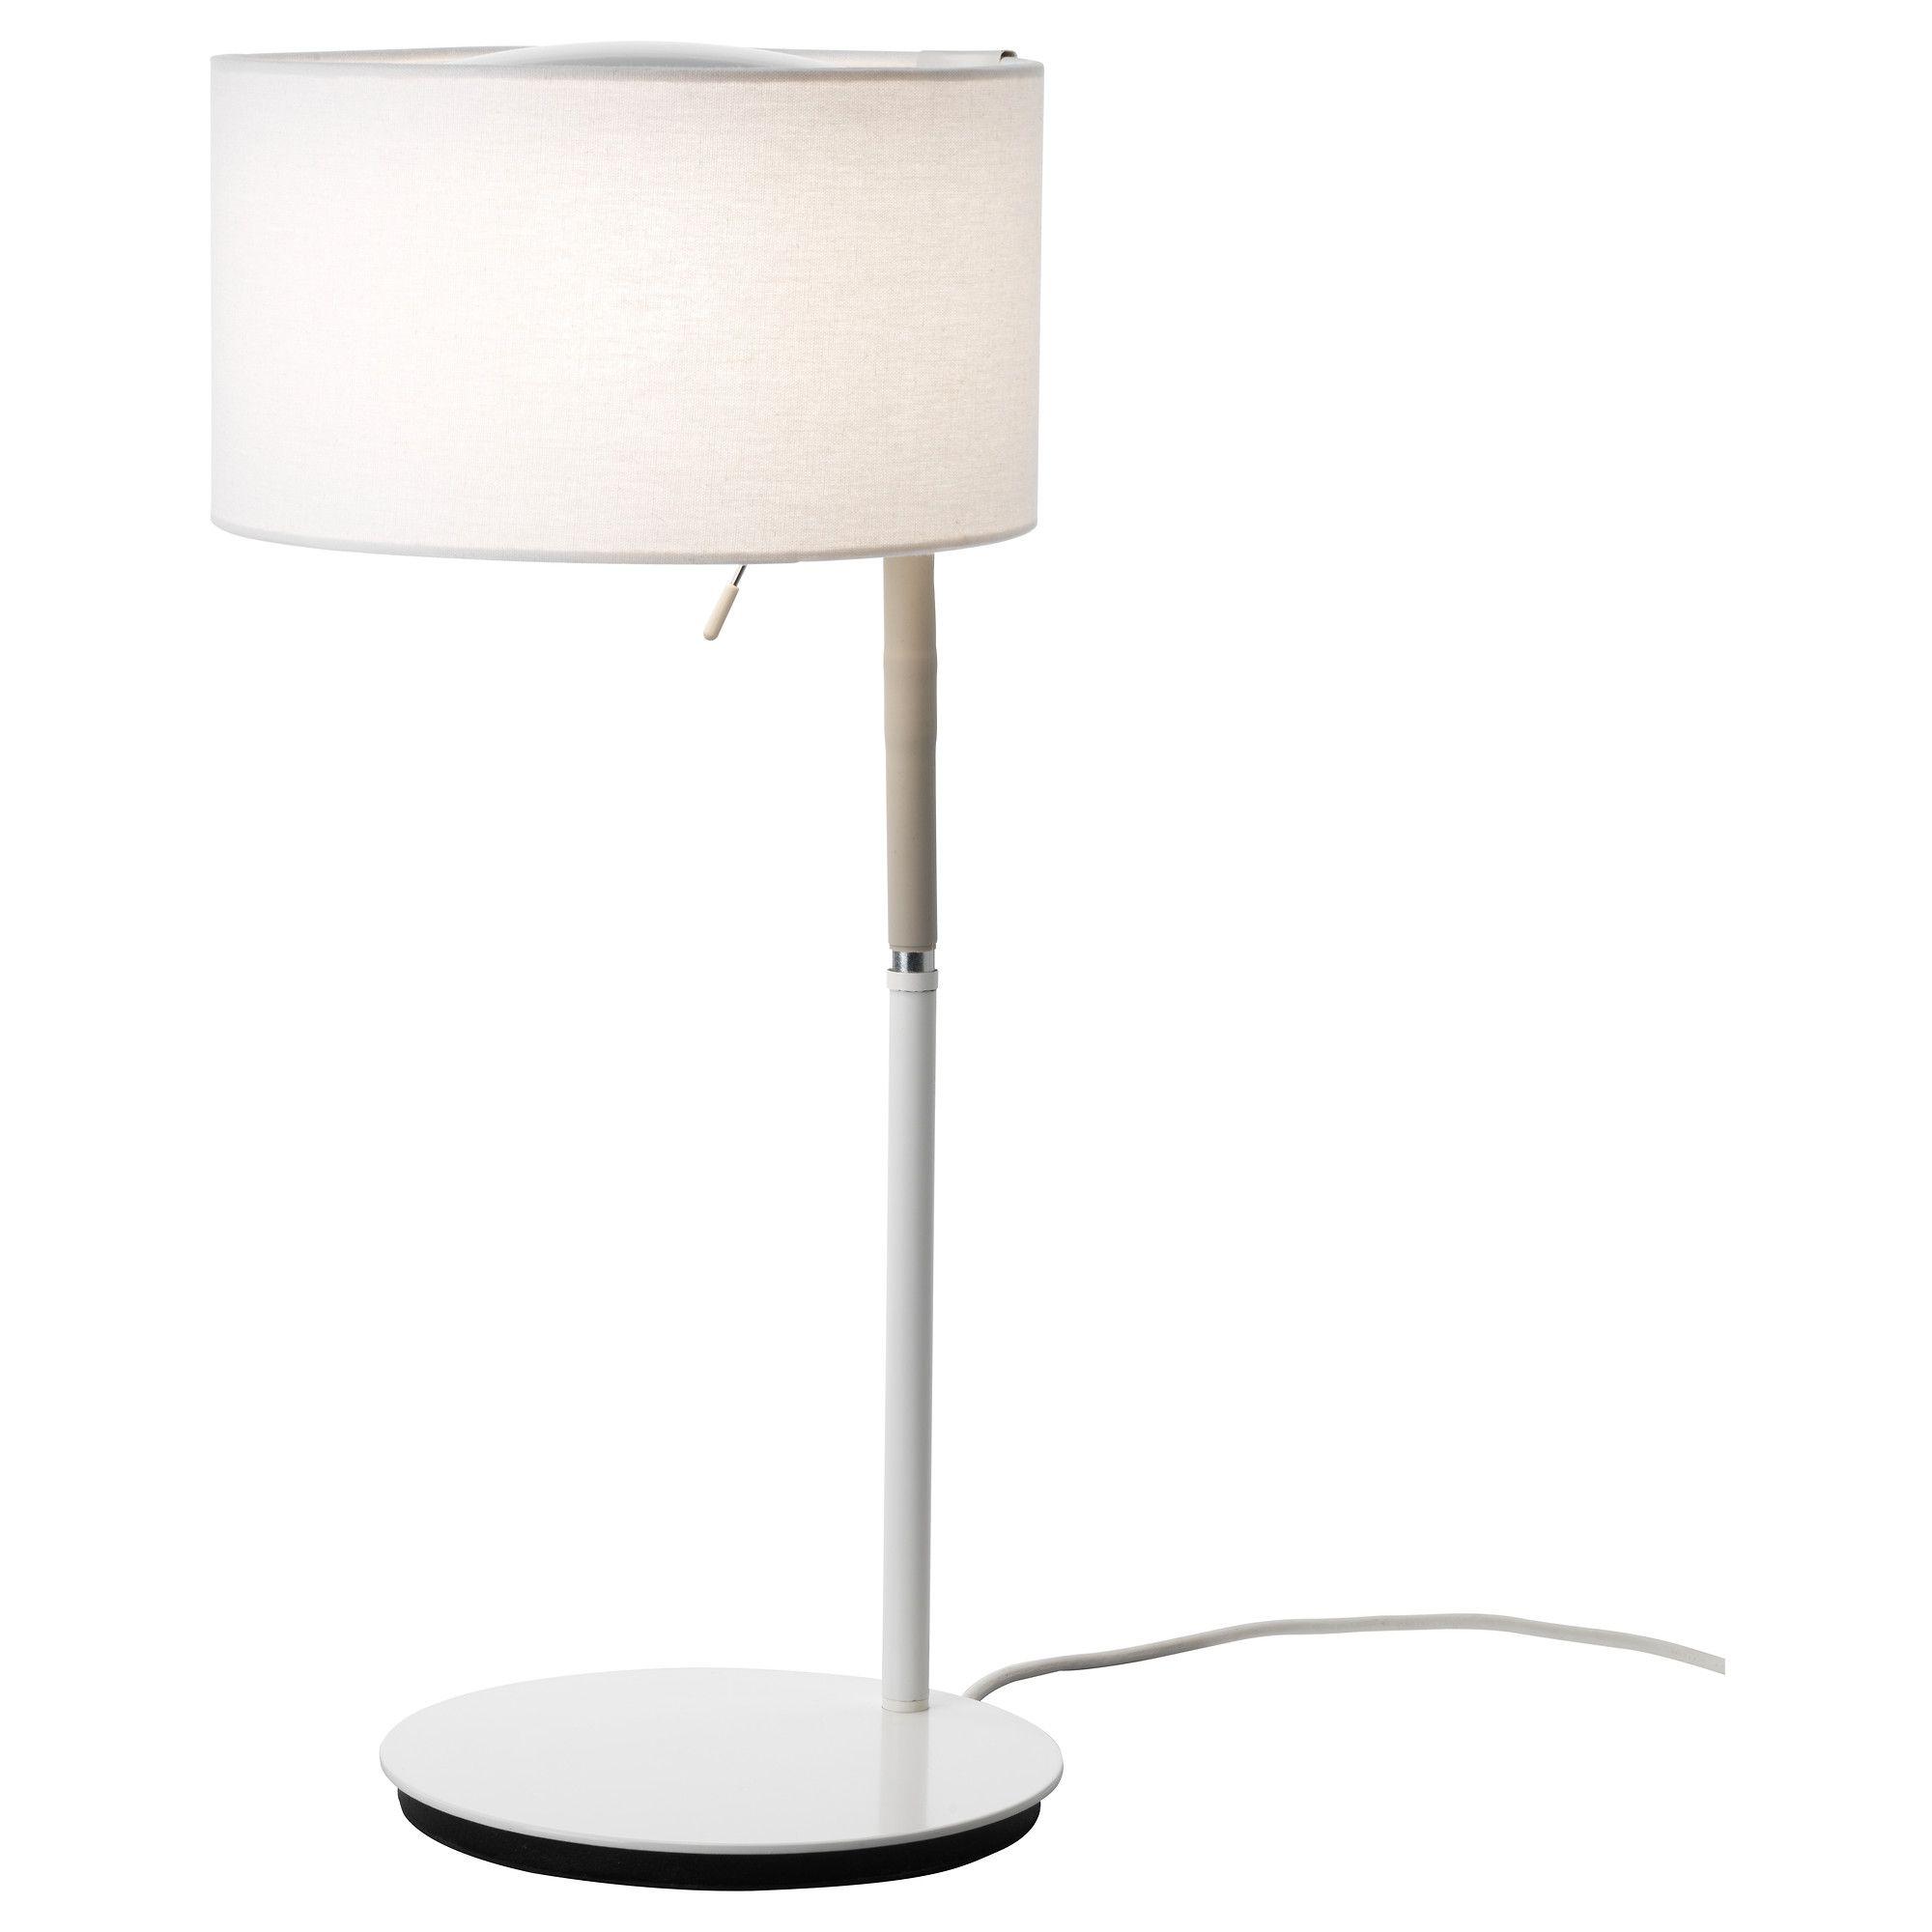 LEDET Table lamp IKEA, 39.99 for bedside table Ikea